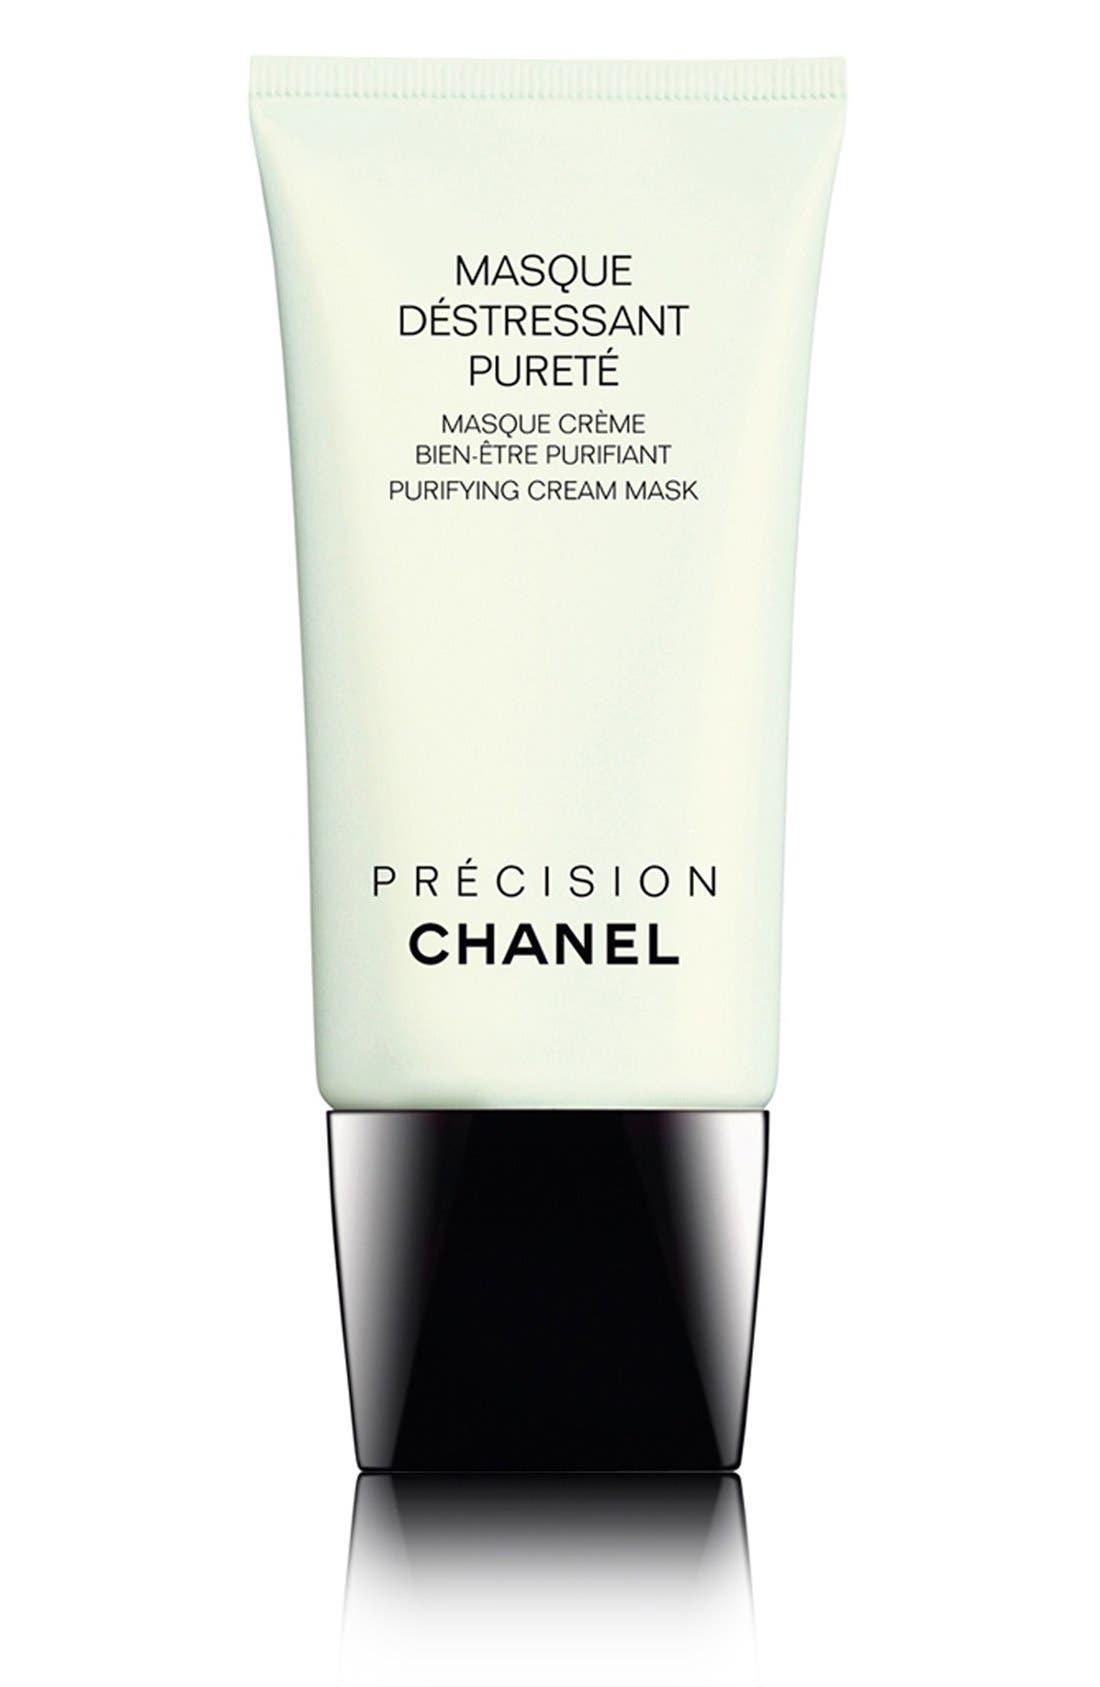 CHANEL MASQUE DÉSTRESSANT PURETÉ Purifying Cream Mask